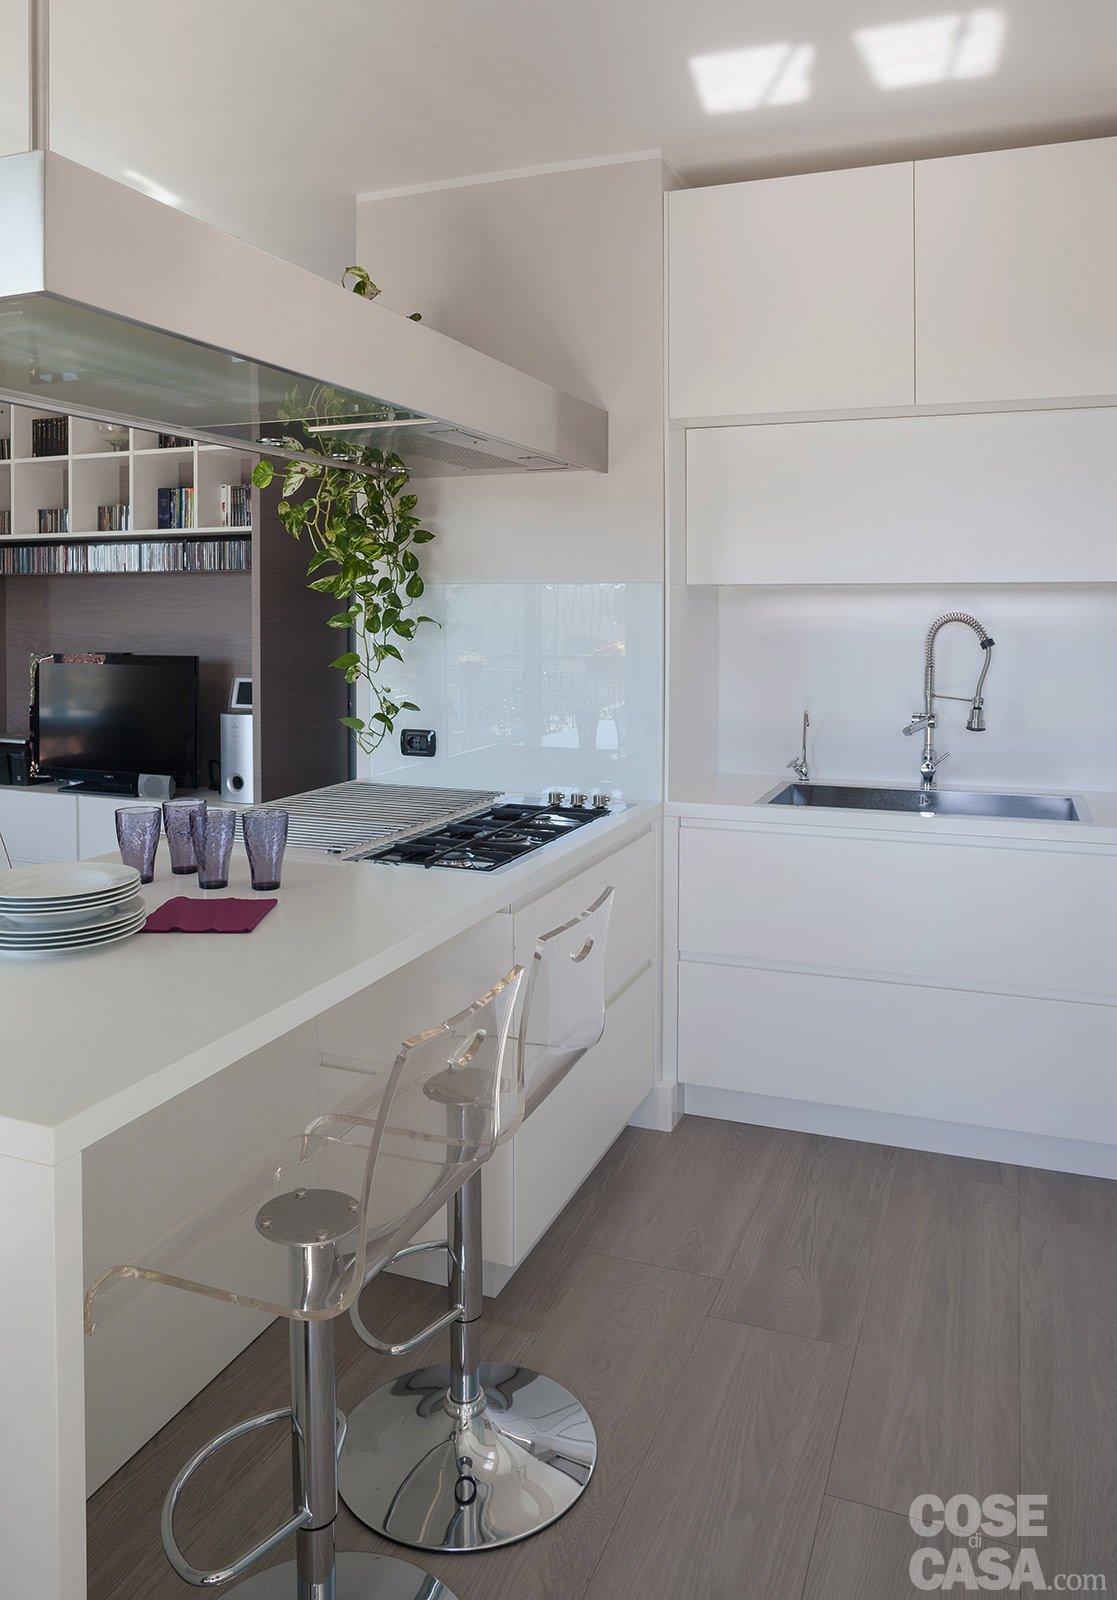 Suddivisioni ottimizzate per la casa di meno di 100 mq - Cucina per casa ...